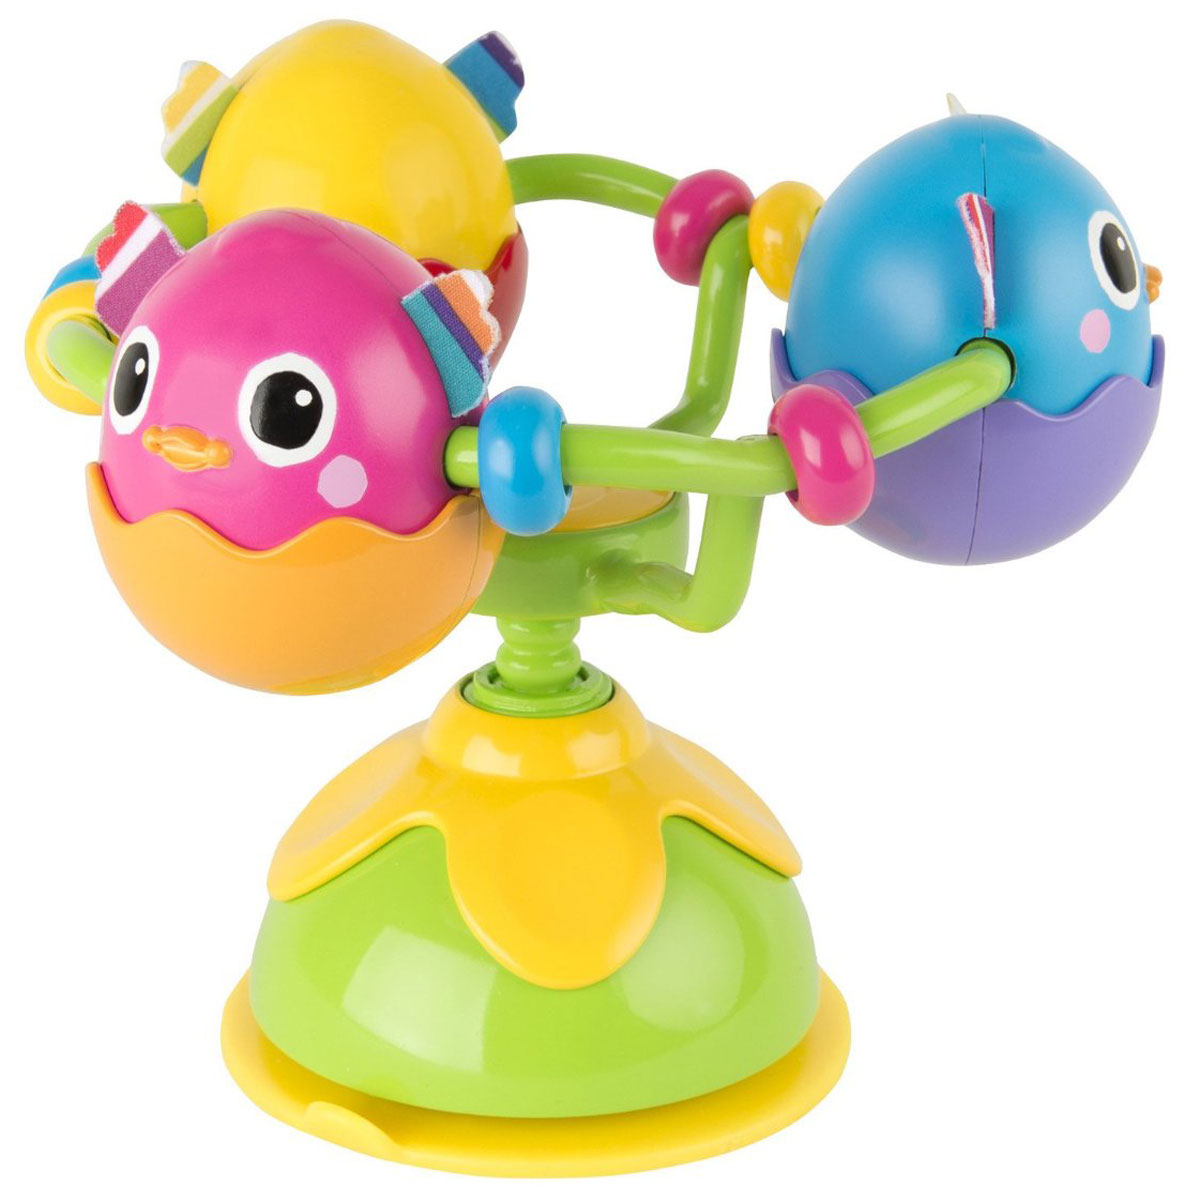 Lamaze Игрушка Веселые утята, с присоской tomy игрушка с присоской на стульчике веселые утята tomy lamaze